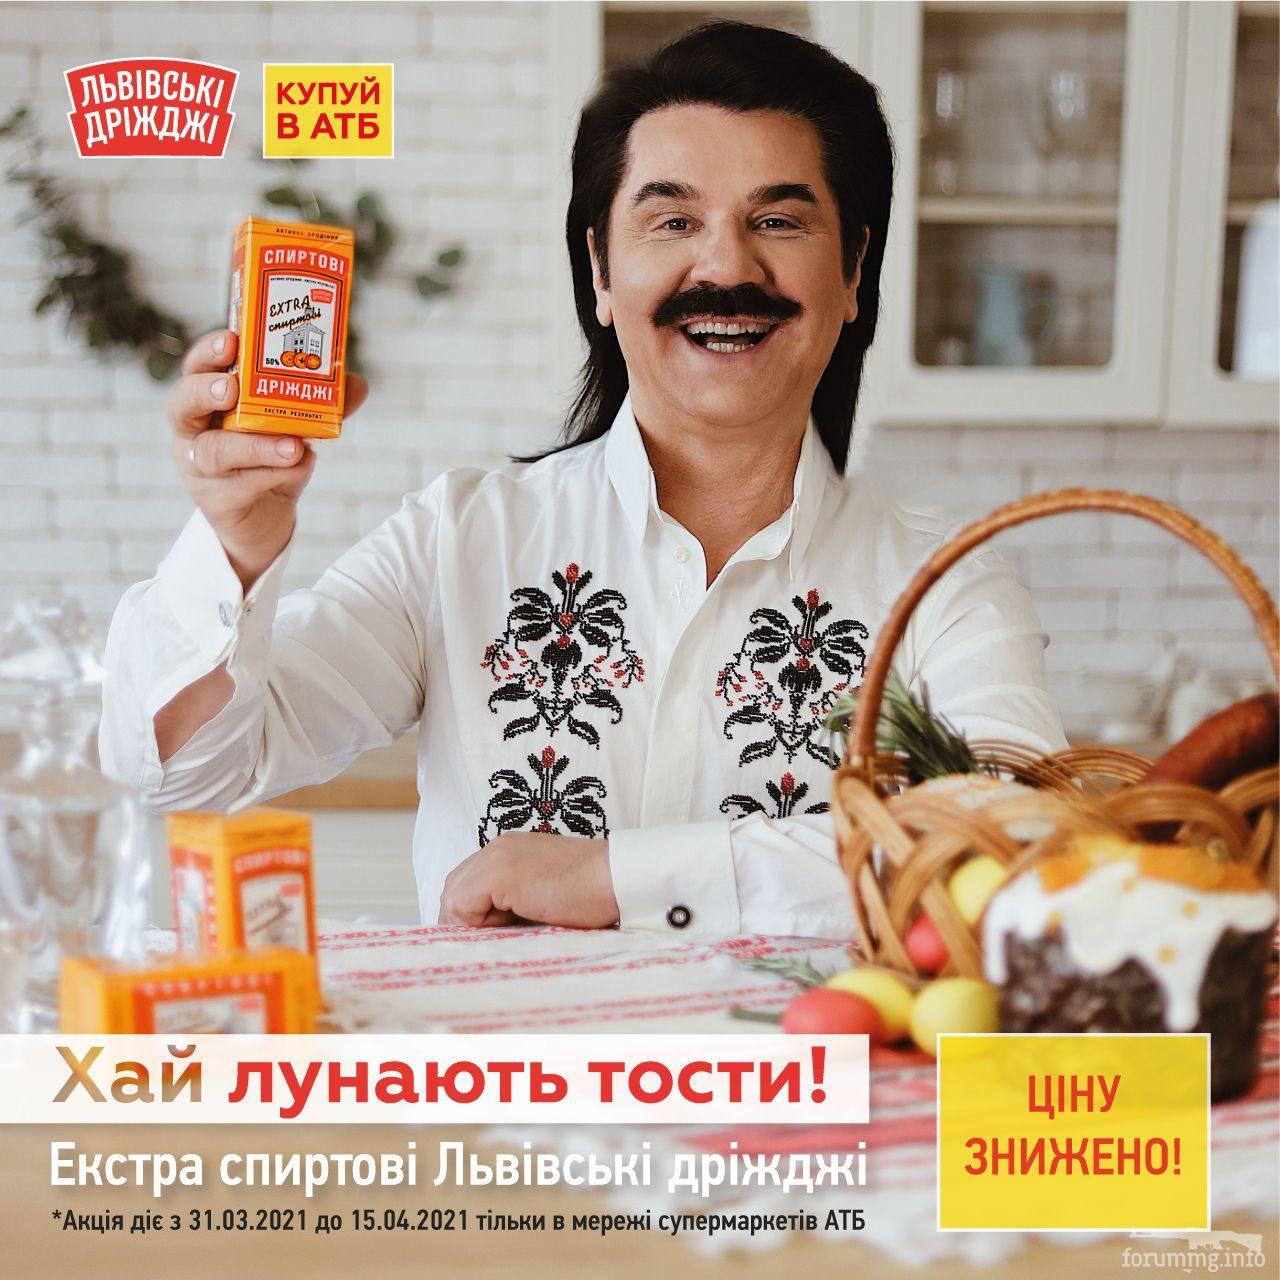 127614 - Пить или не пить? - пятничная алкогольная тема )))